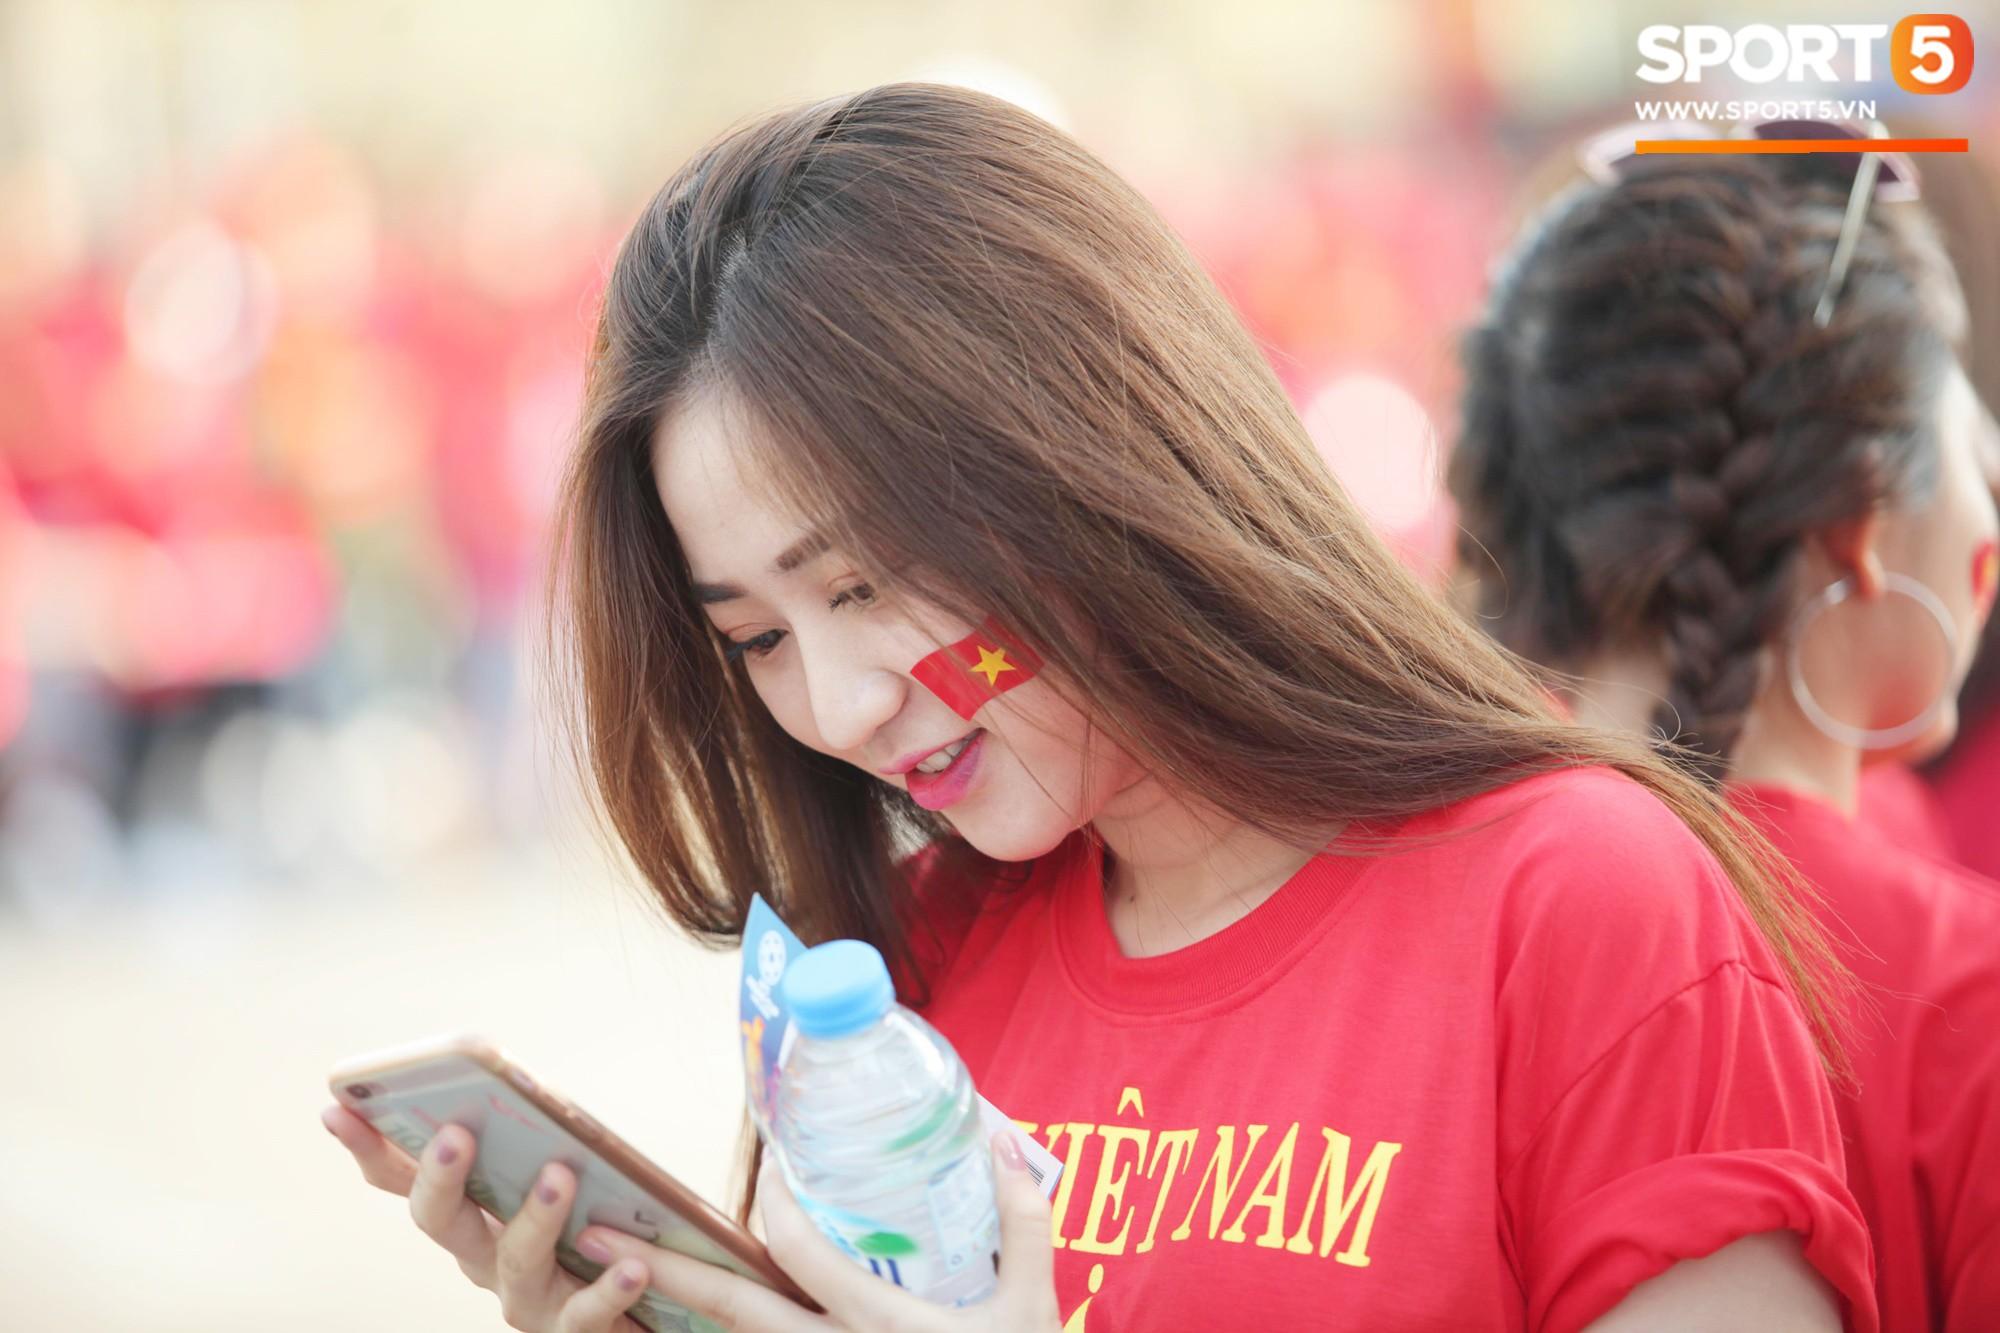 Dàn fangirl xinh đẹp tiếp lửa cho đội tuyển Việt Nam trước trận gặp Iraq-6